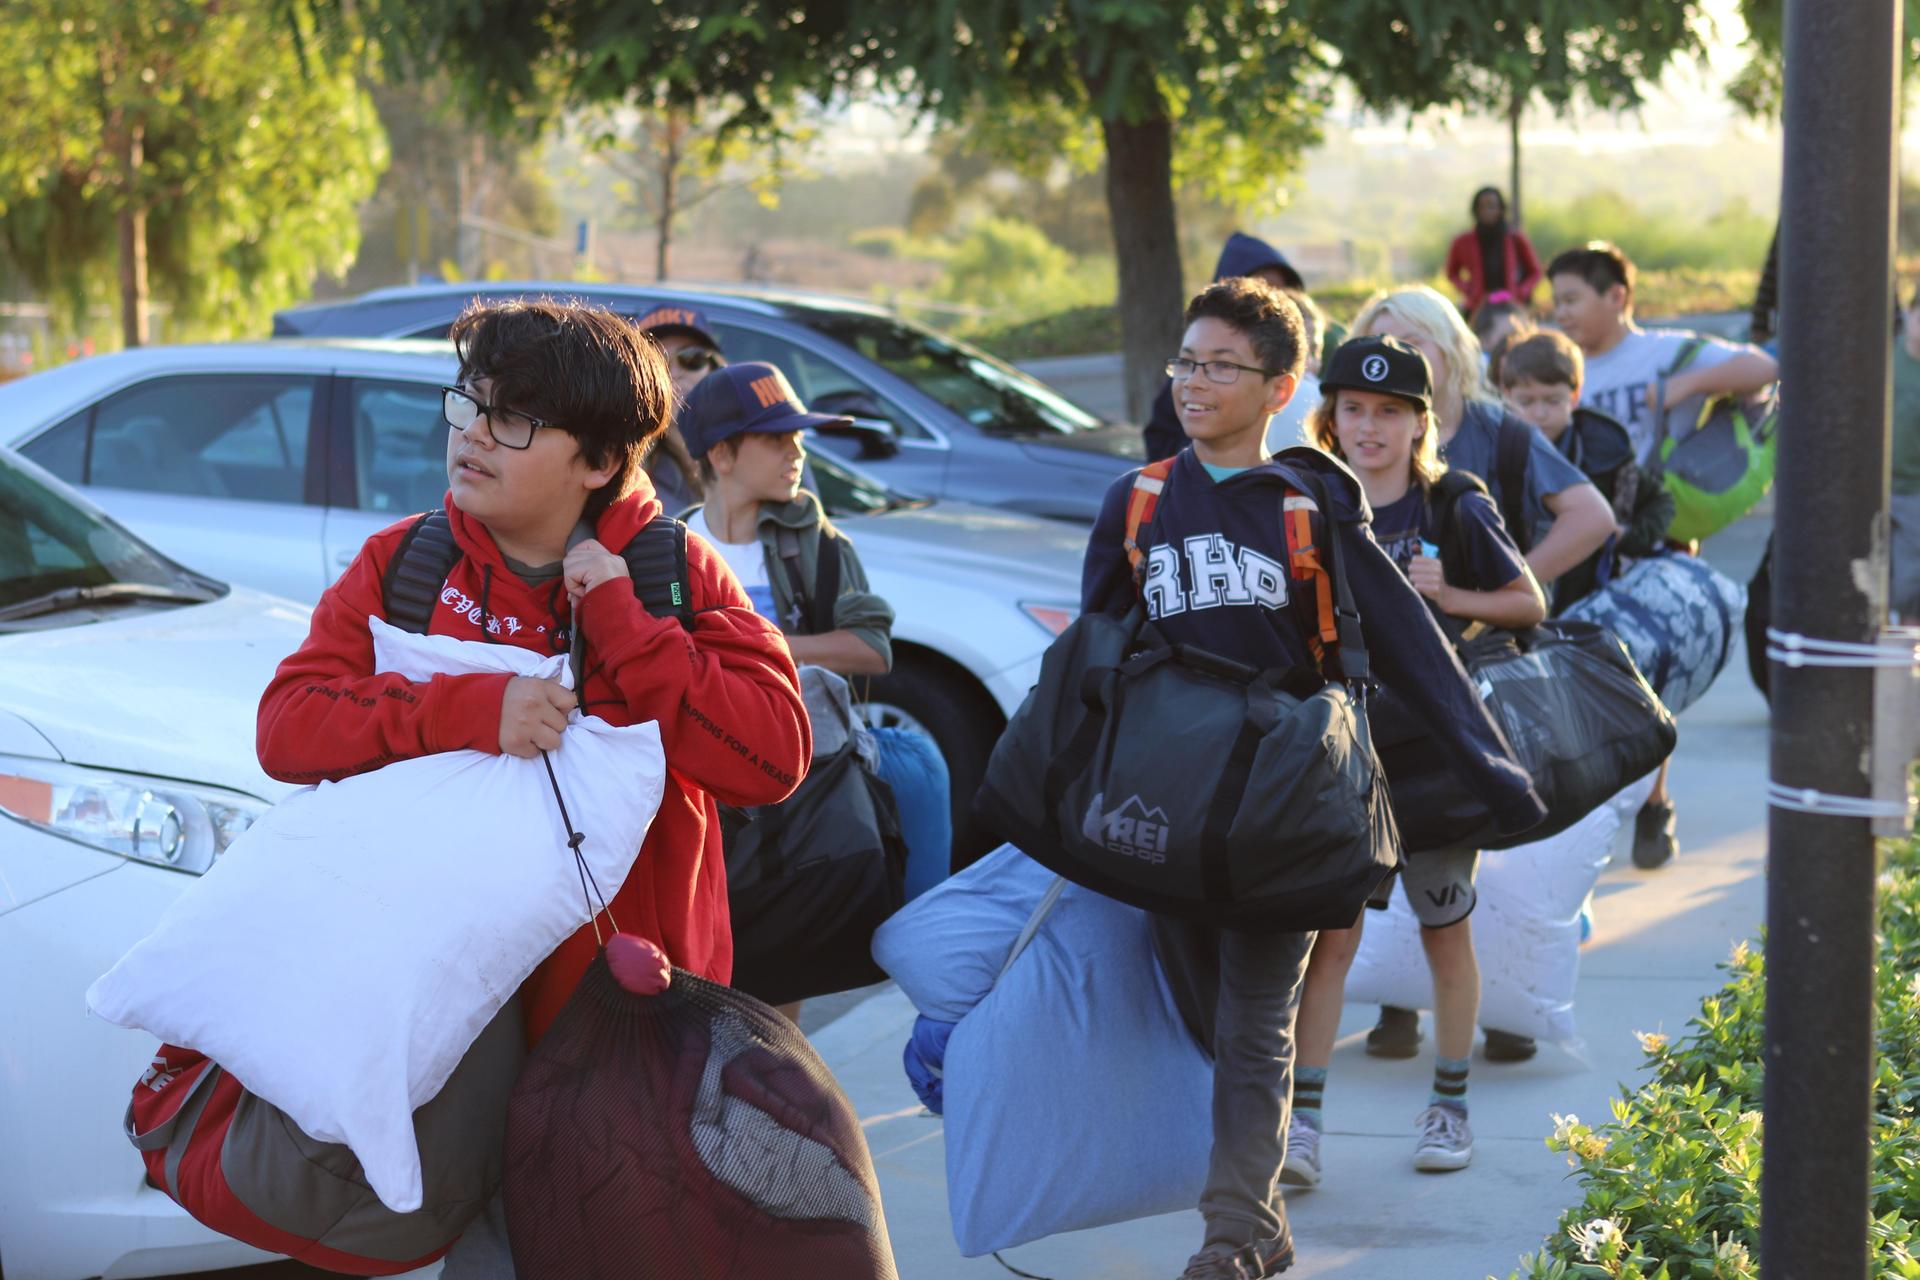 七年级的学生正在进行户外教育远足.